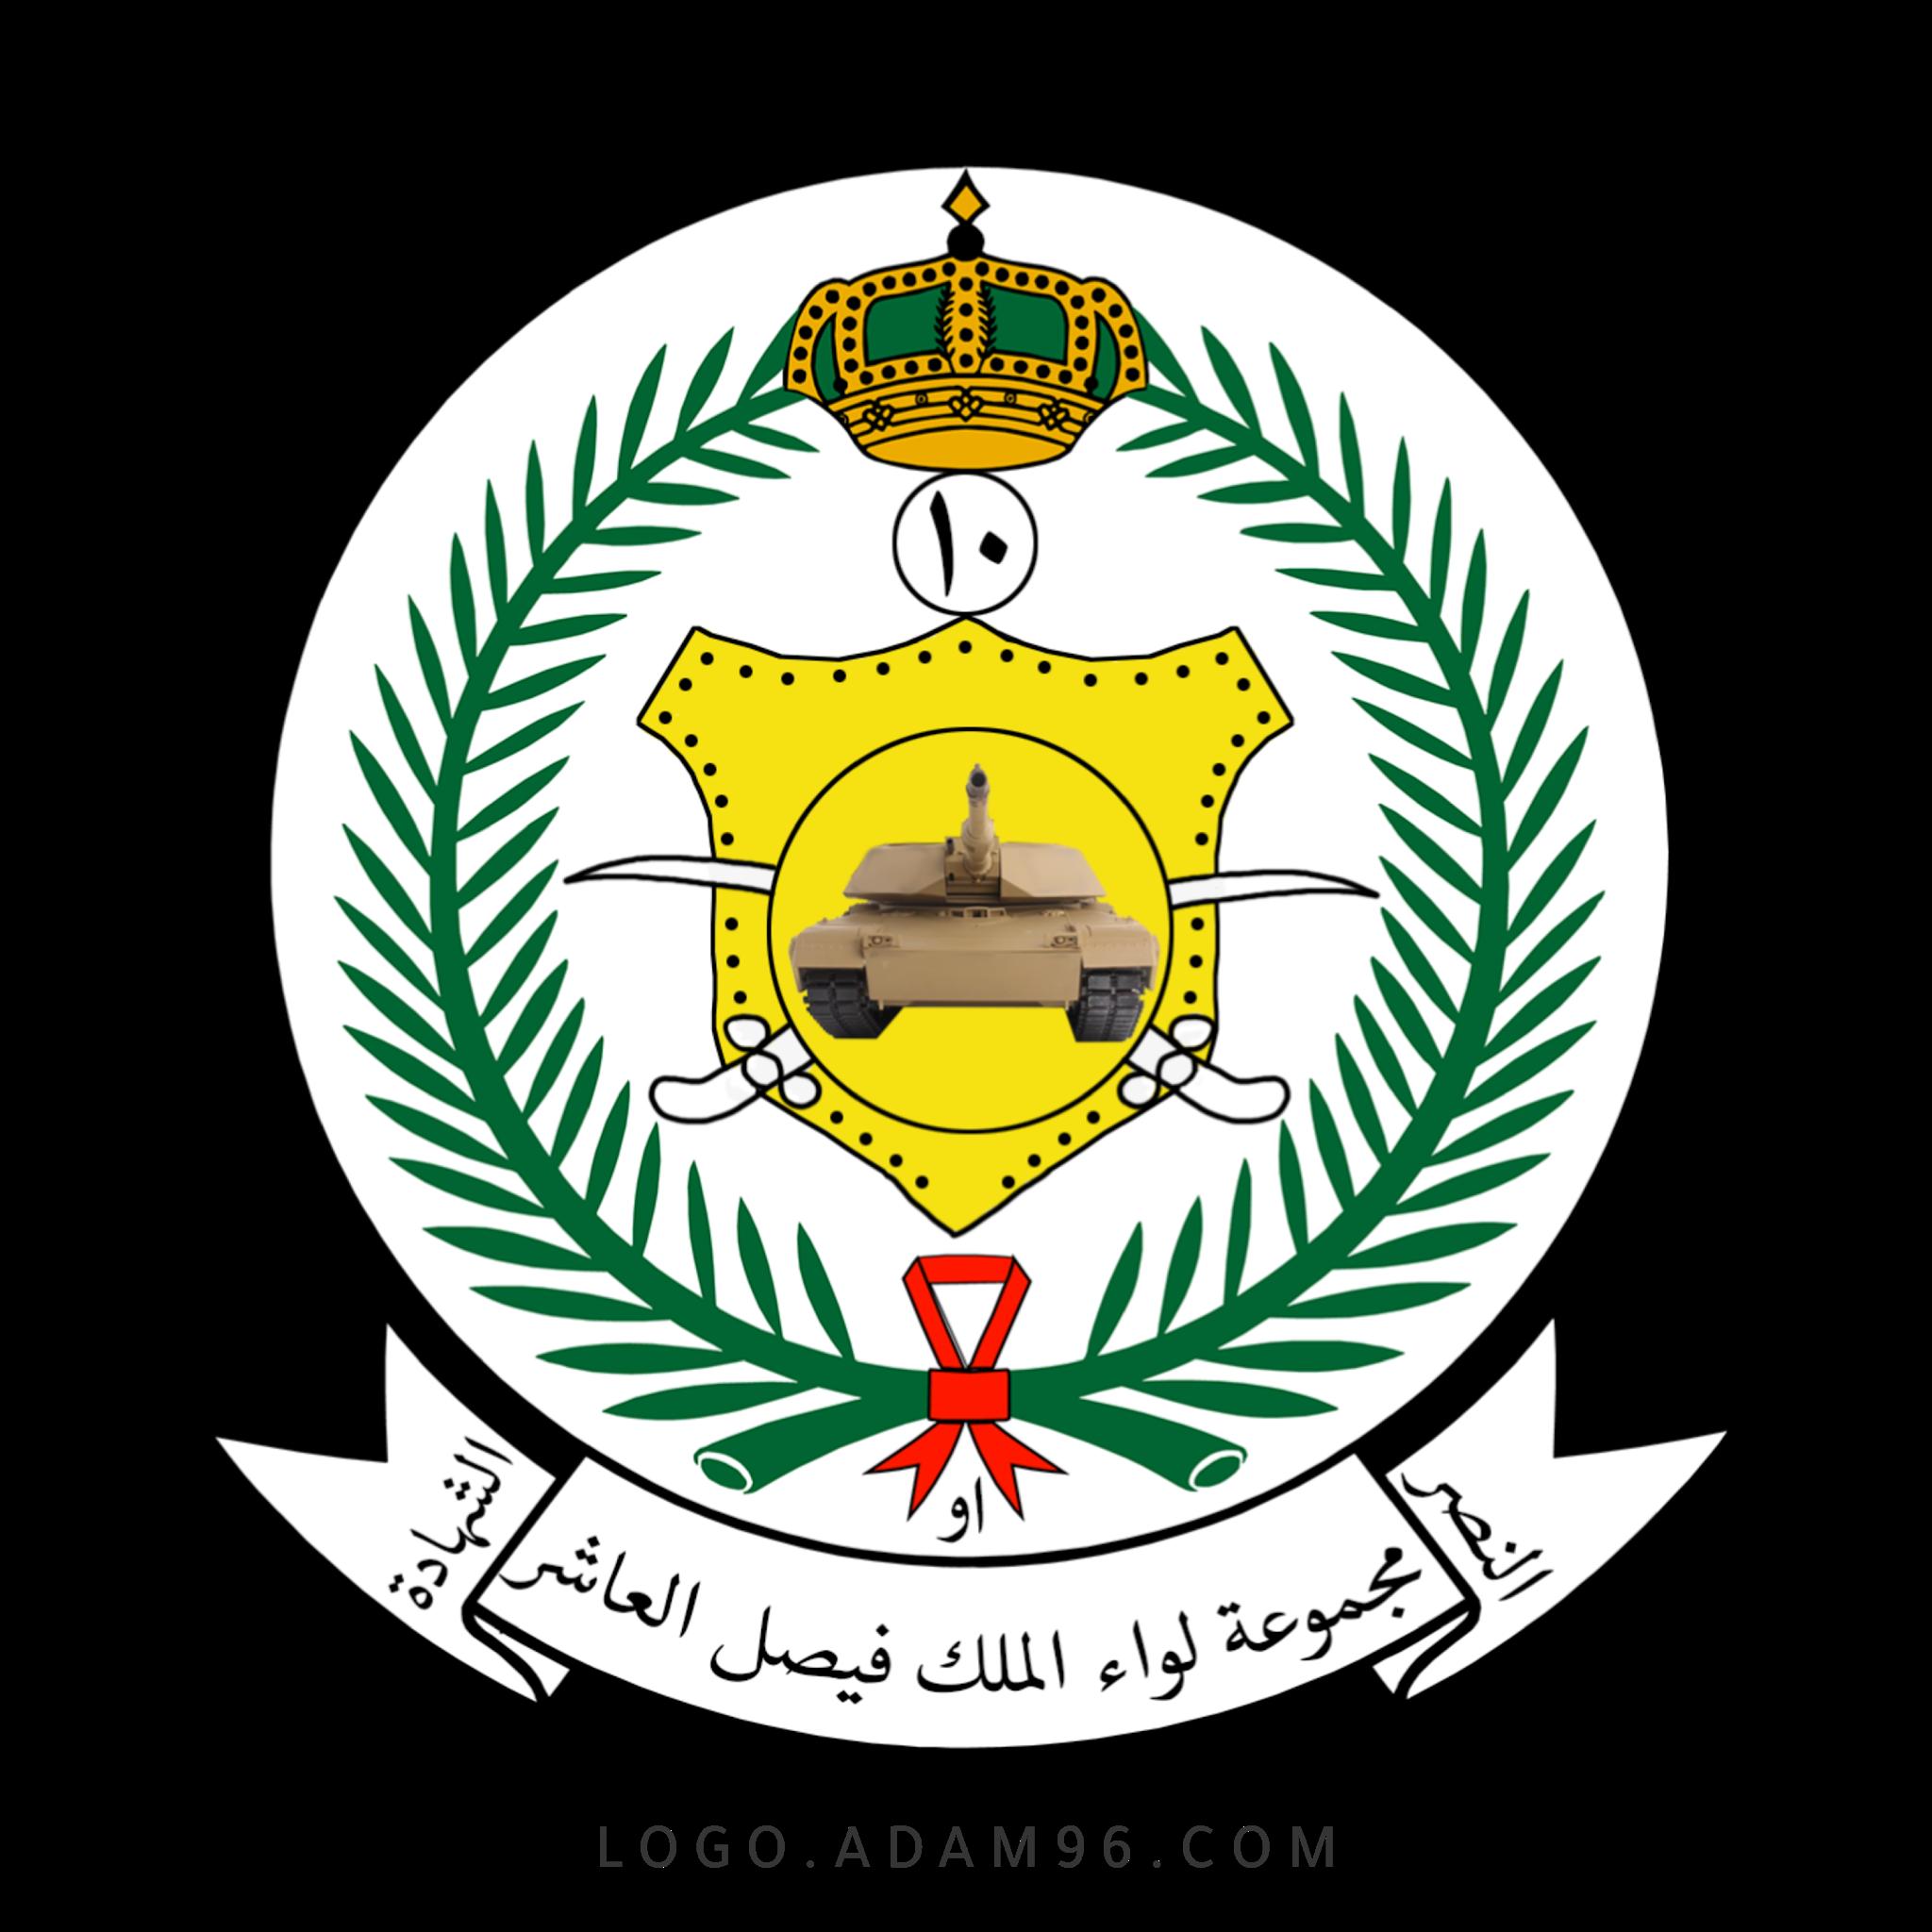 تحميل شعار مجموعة لواء الملك فيصل العاشر لوجو رسمي بجودة عالية PNG